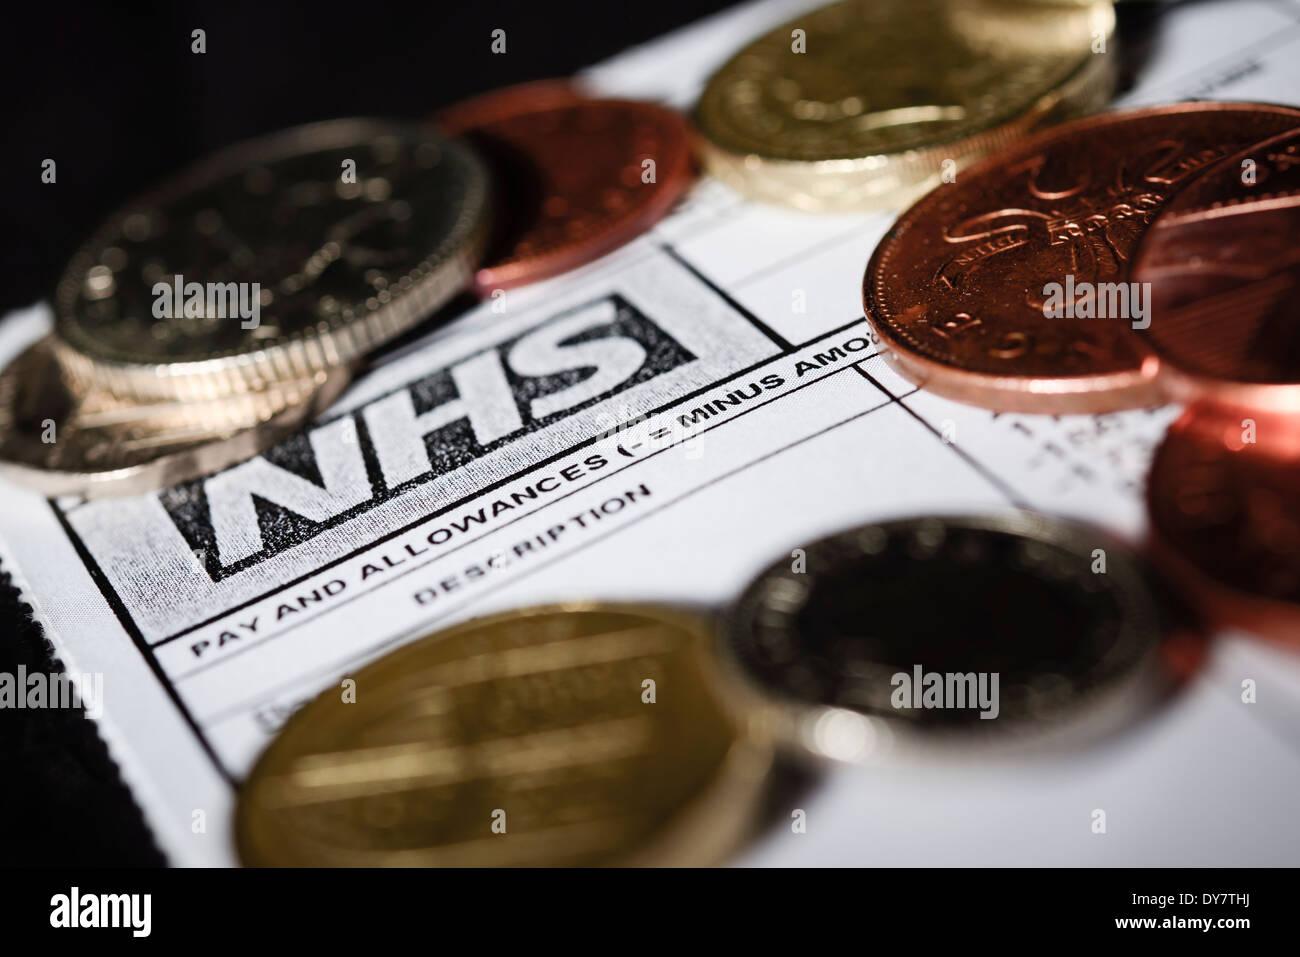 Les compressions budgétaires du NHS concept - un bulletin de salaire salaire NHS générique avec la monnaie du royaume tourné sur un fond noir Photo Stock